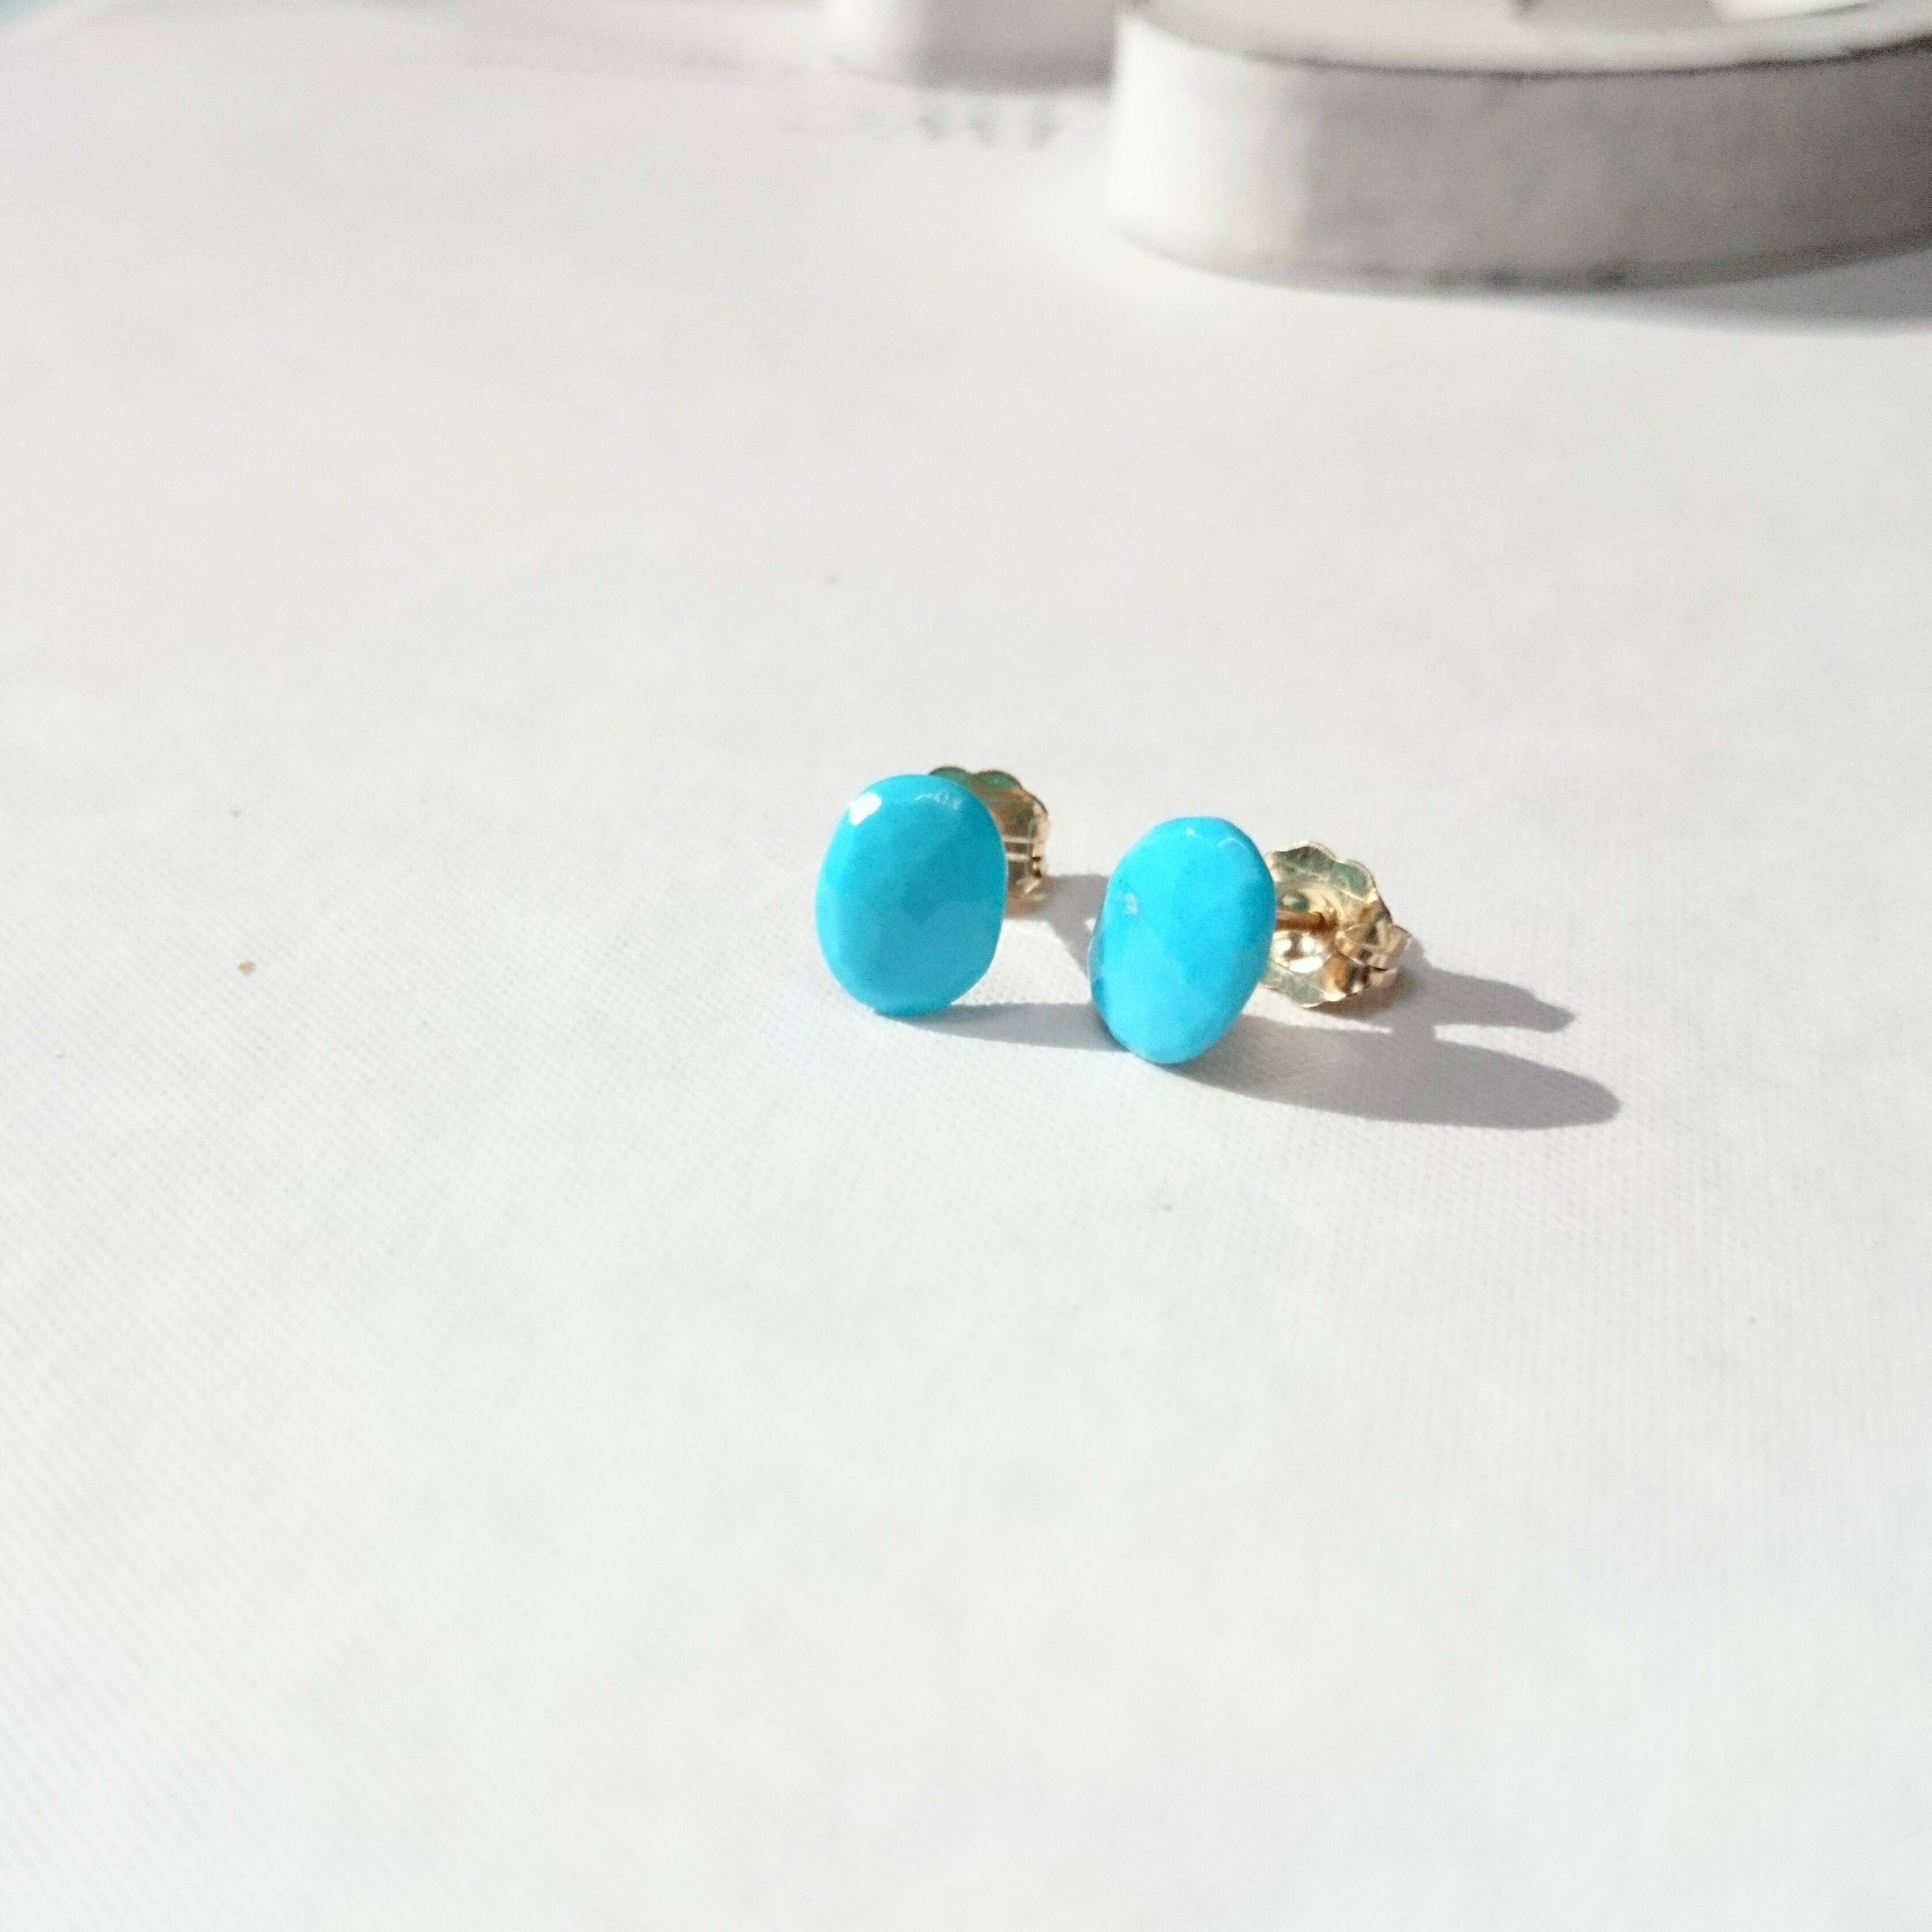 送料無料14kgf♡sleeping beauty turquoise stud pierced earring